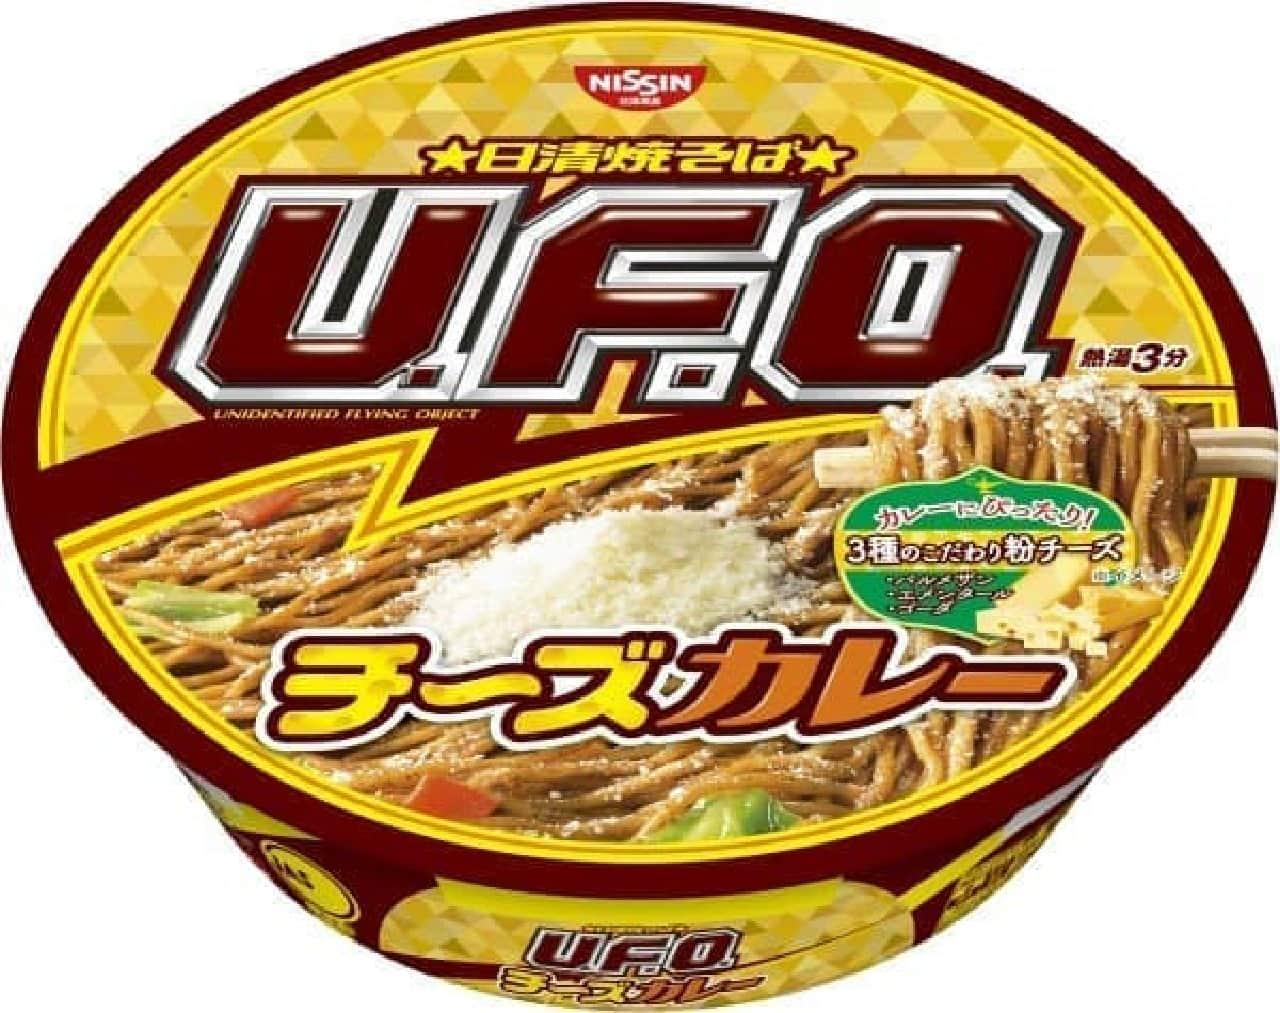 日清食品「日清焼そばU.F.O. チーズカレー」